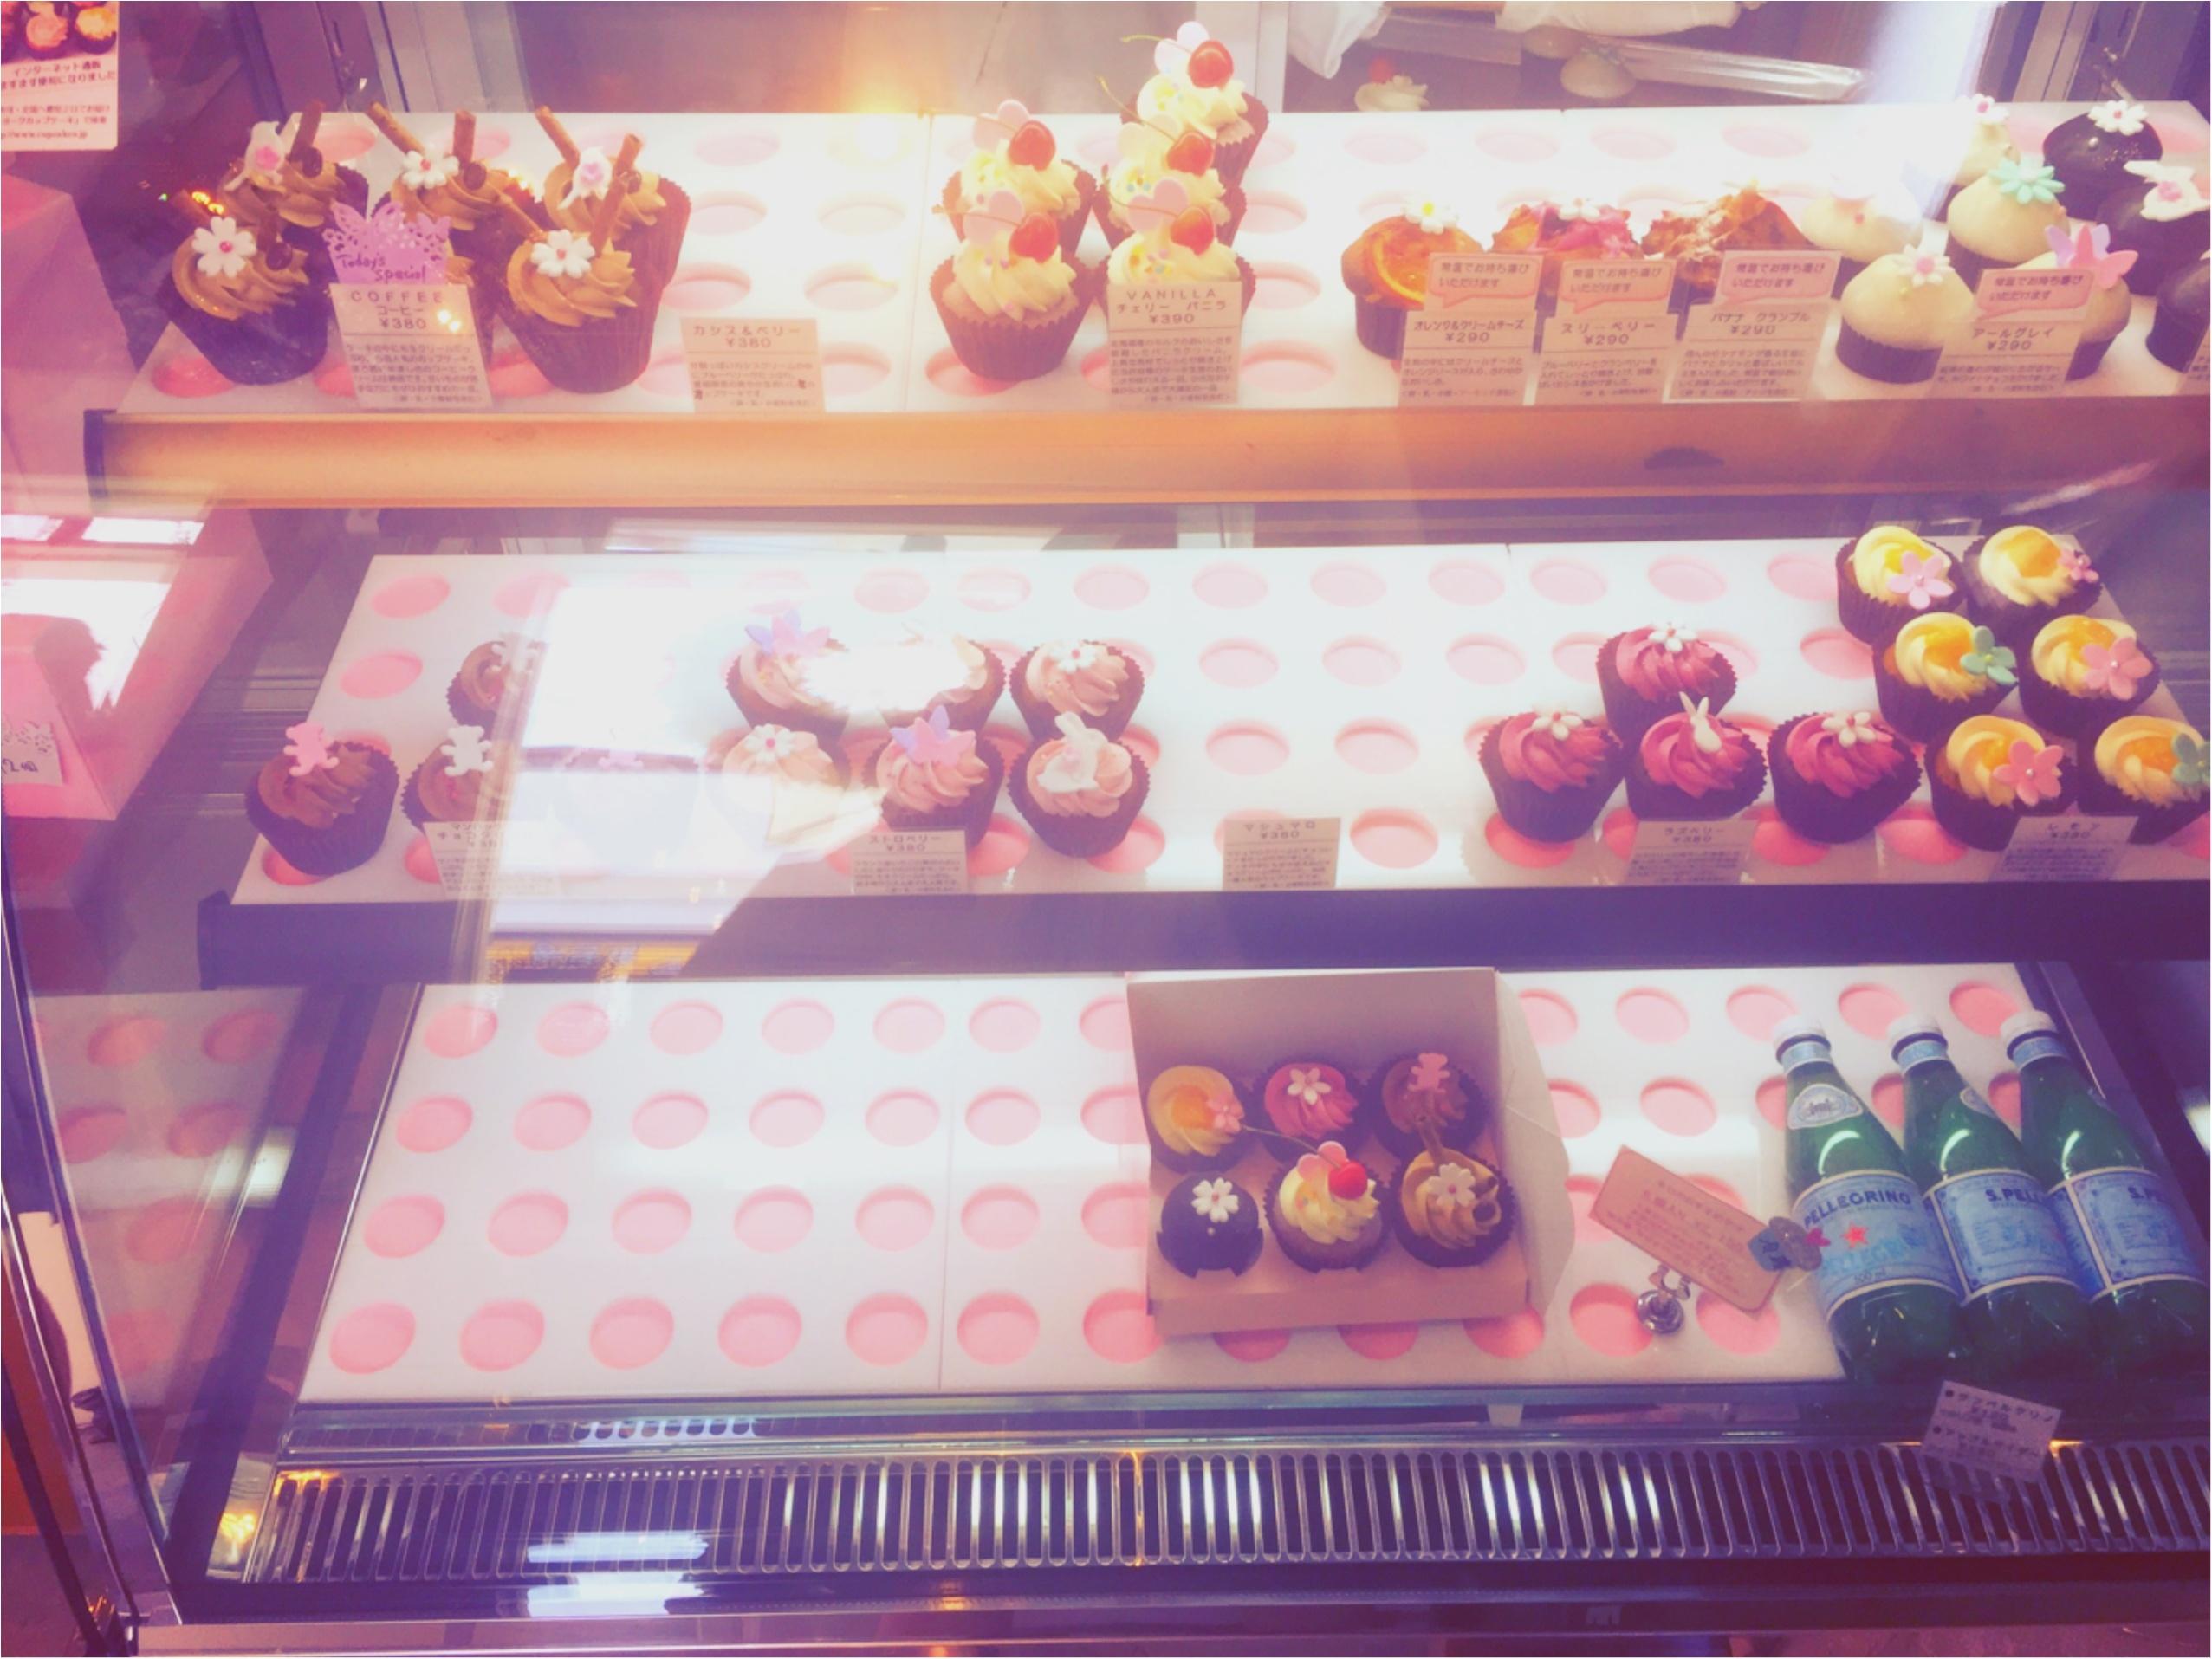 【N.Y. Cupcakes】の夏限定♡アイス+カップケーキが美味しすぎる!_2